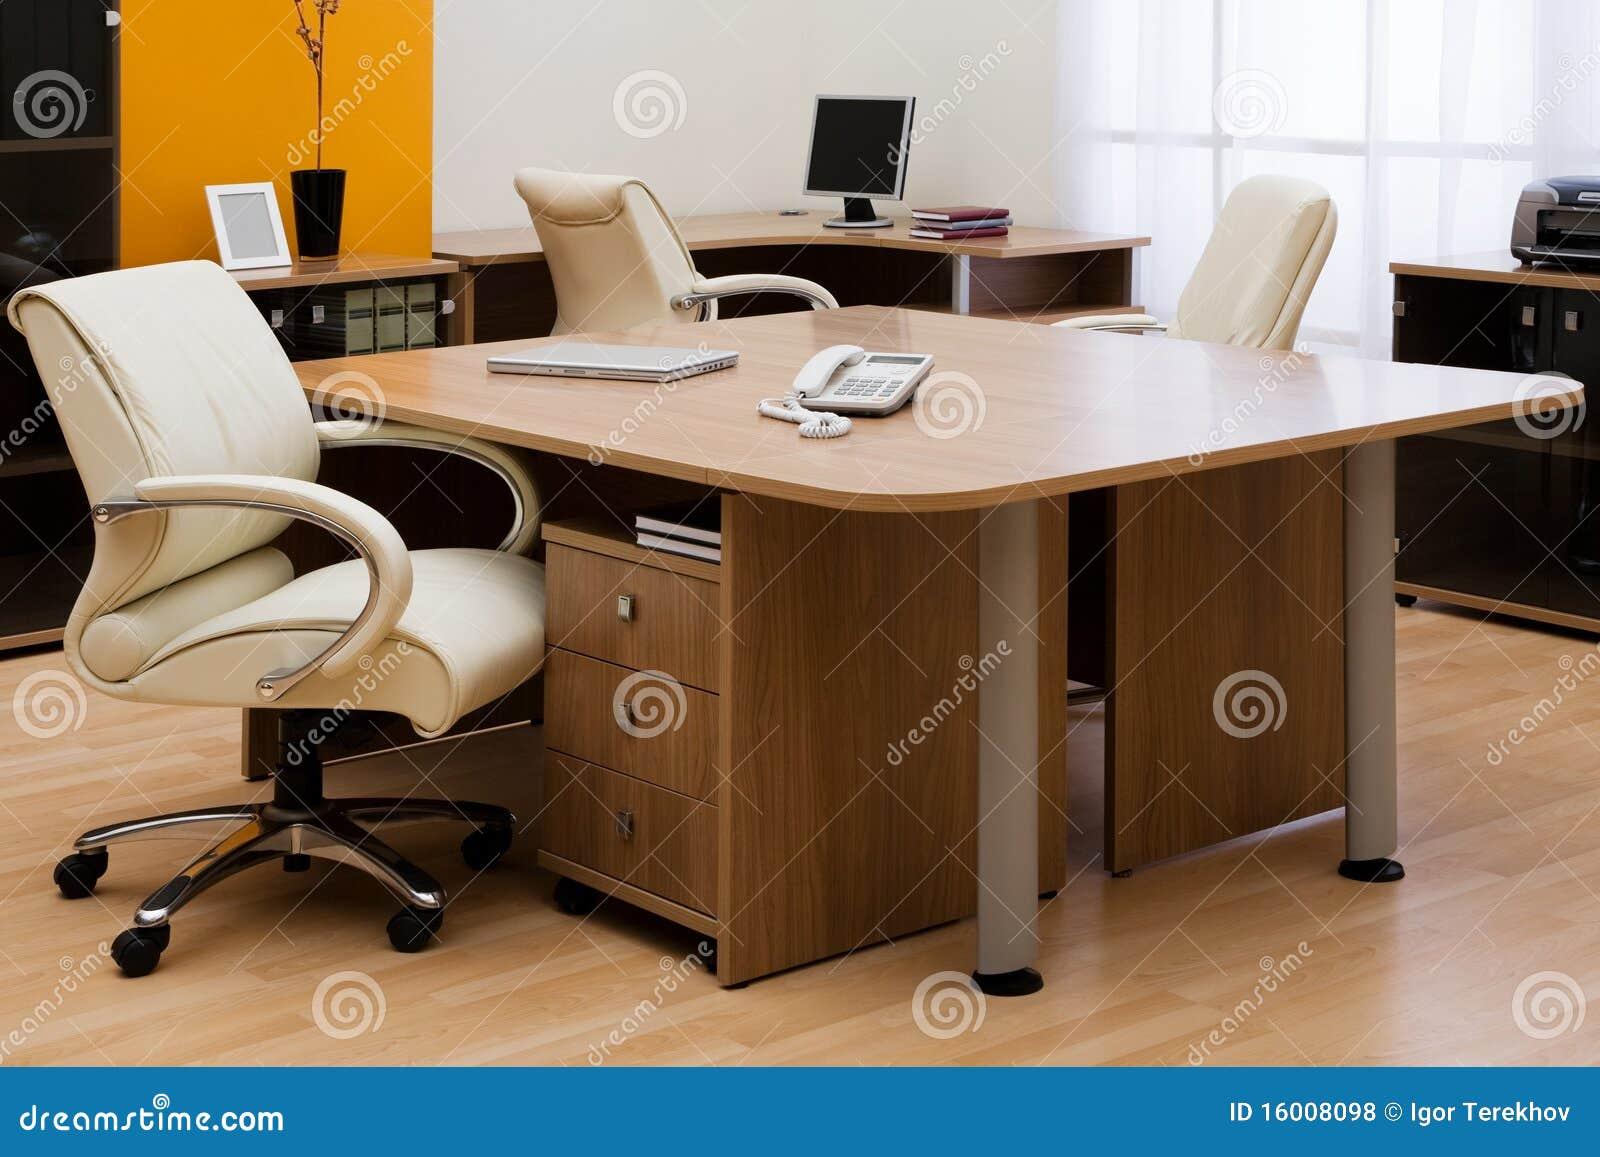 Luxe Bureau Kantoor : Bureau op modern kantoor stock foto afbeelding bestaande uit